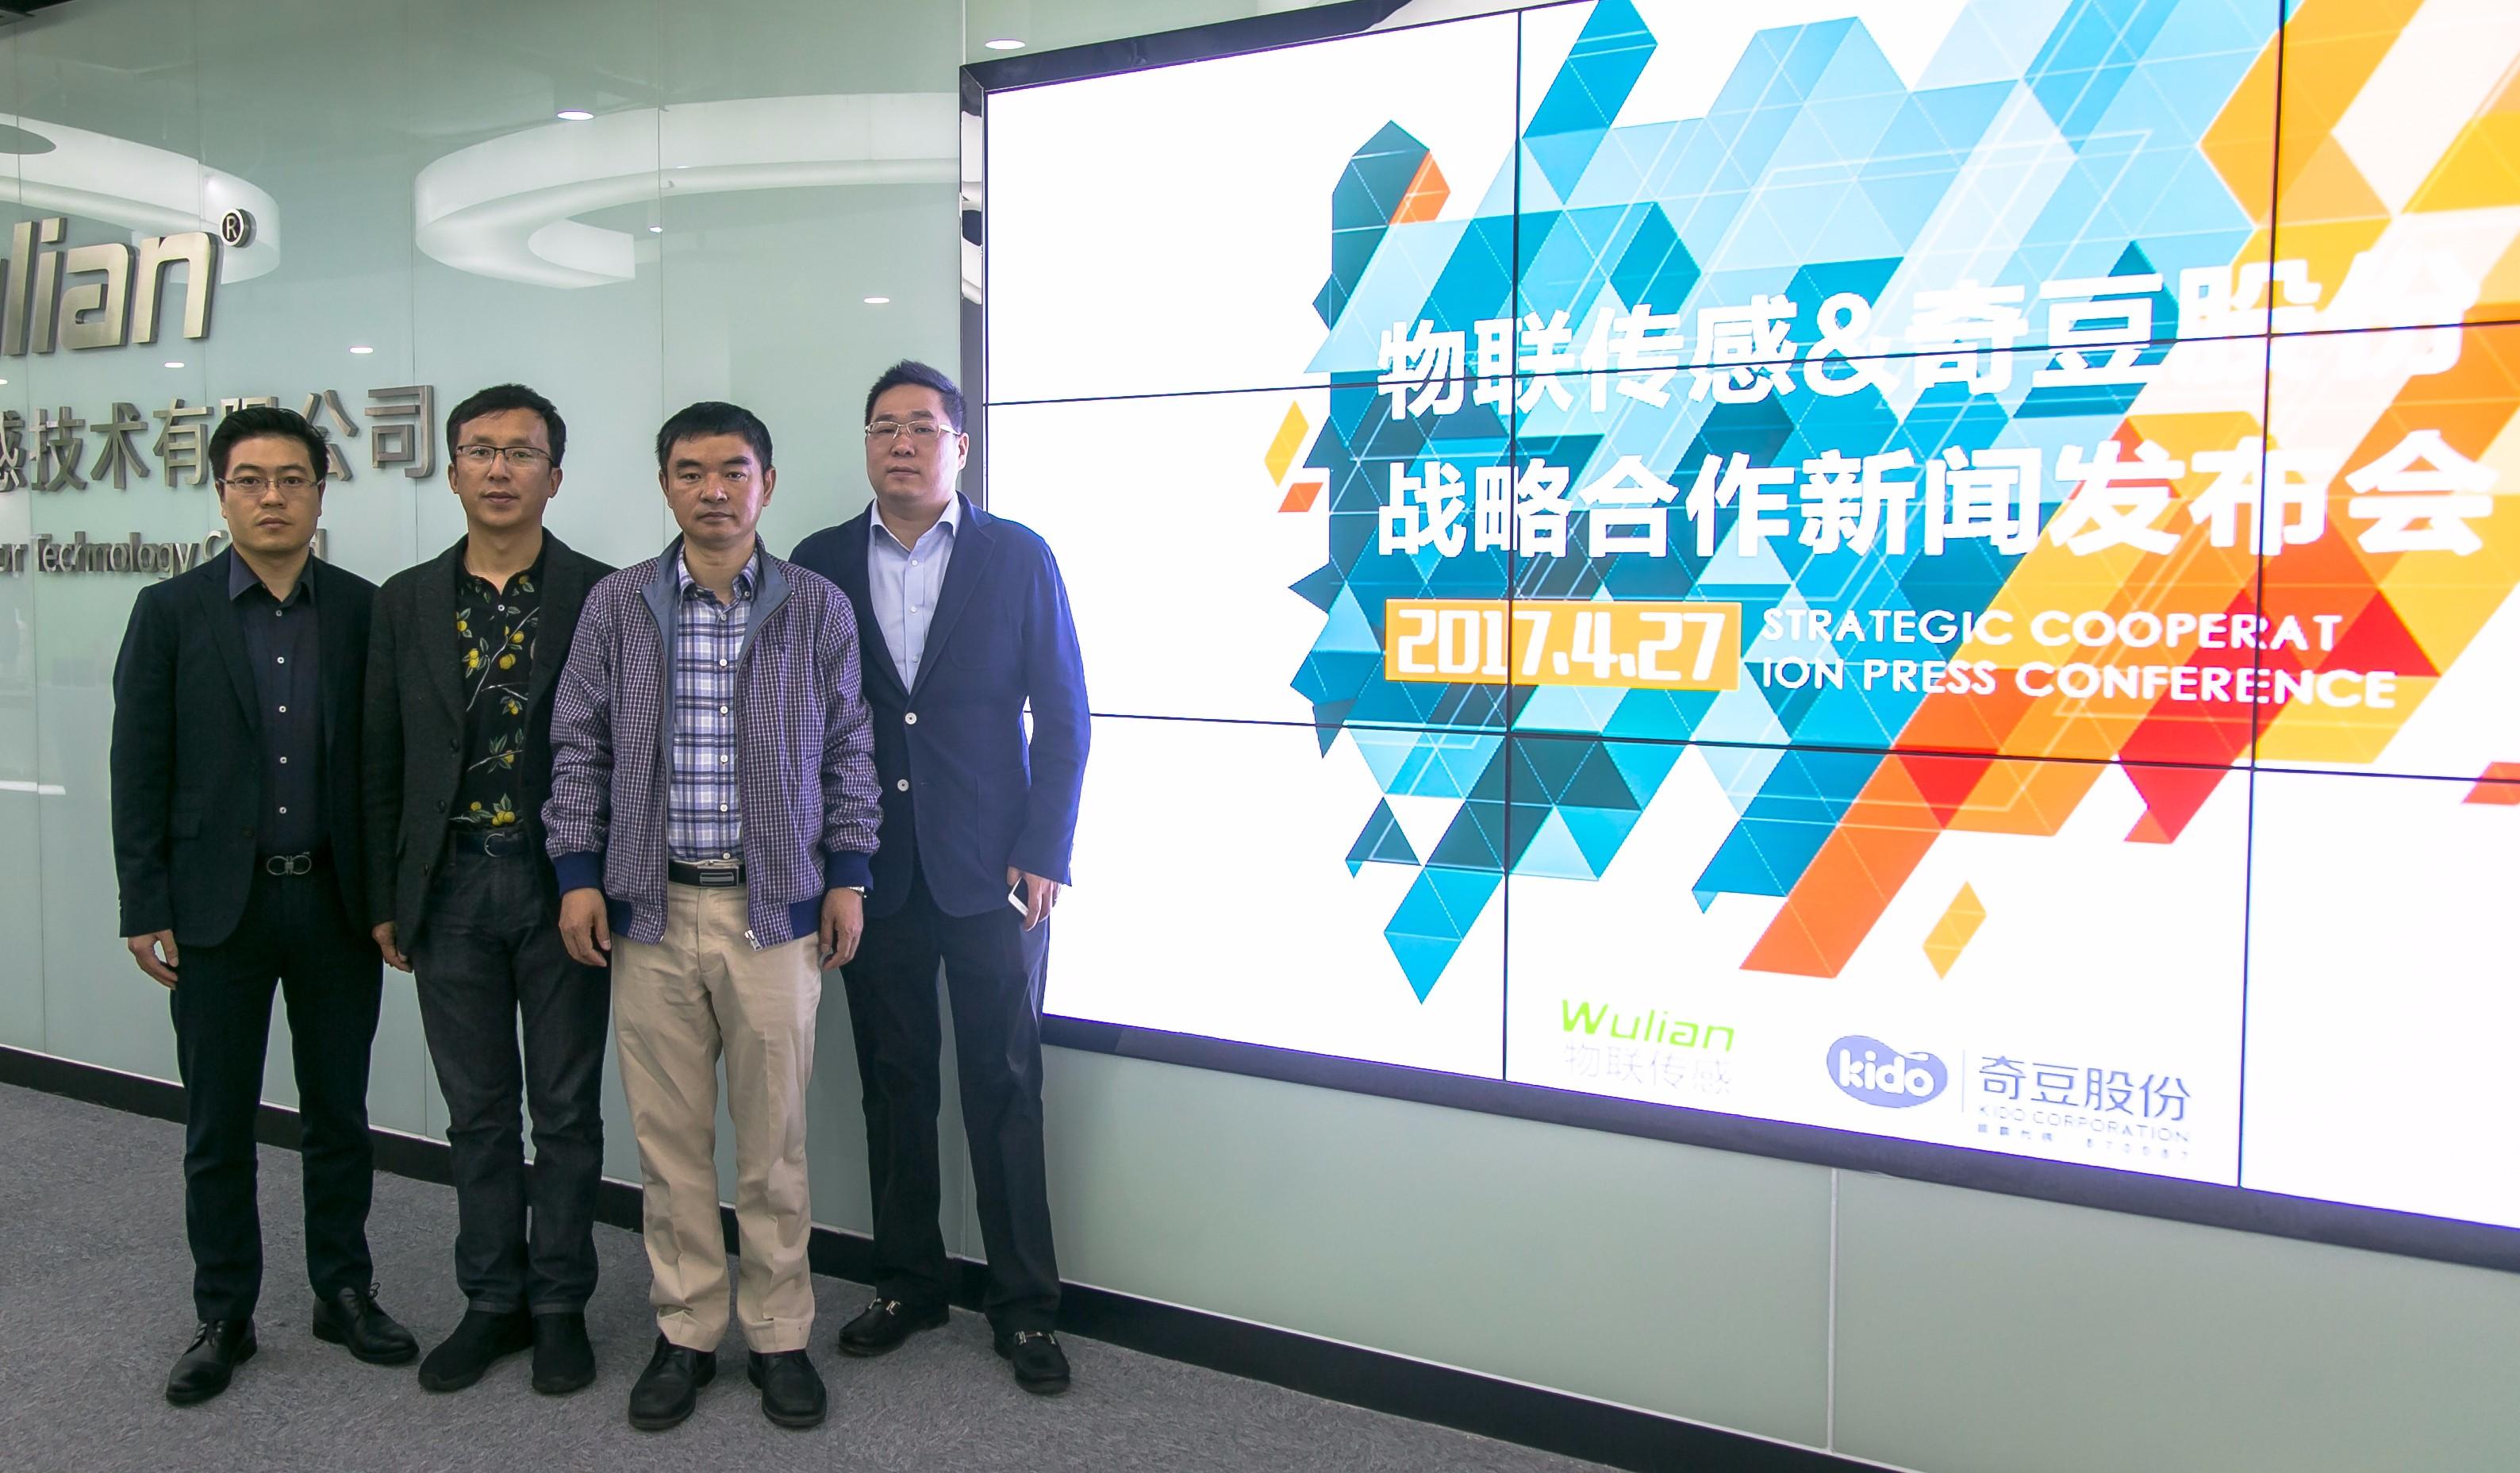 奇豆股份与南京物联达成战略合作 引领智能家居新时代.jpg